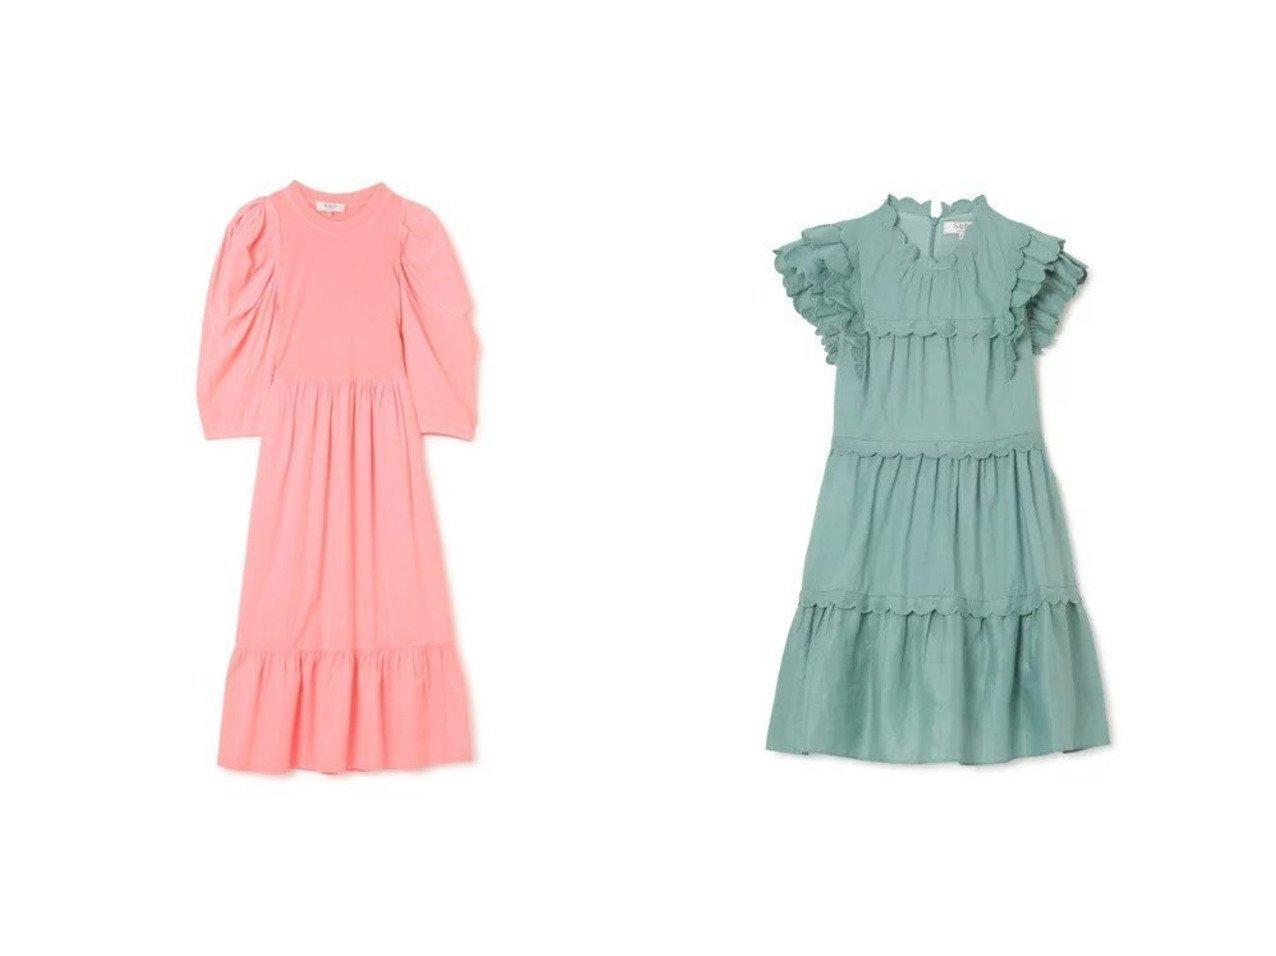 【Sea NEW YORK/シー ニューヨーク】のSHANNON SCALLOP RUFFLE DRESS&S DRESS 【ワンピース・ドレス】おすすめ!人気、トレンド・レディースファッションの通販 おすすめで人気の流行・トレンド、ファッションの通販商品 メンズファッション・キッズファッション・インテリア・家具・レディースファッション・服の通販 founy(ファニー) https://founy.com/ ファッション Fashion レディースファッション WOMEN ワンピース Dress ドレス Party Dresses 2021年 2021 2021春夏・S/S SS/Spring/Summer/2021 S/S・春夏 SS・Spring/Summer ギャザー ドレス ノースリーブ フェミニン フォーマル ラッフル コンパクト スリーブ フレア 長袖 |ID:crp329100000031145